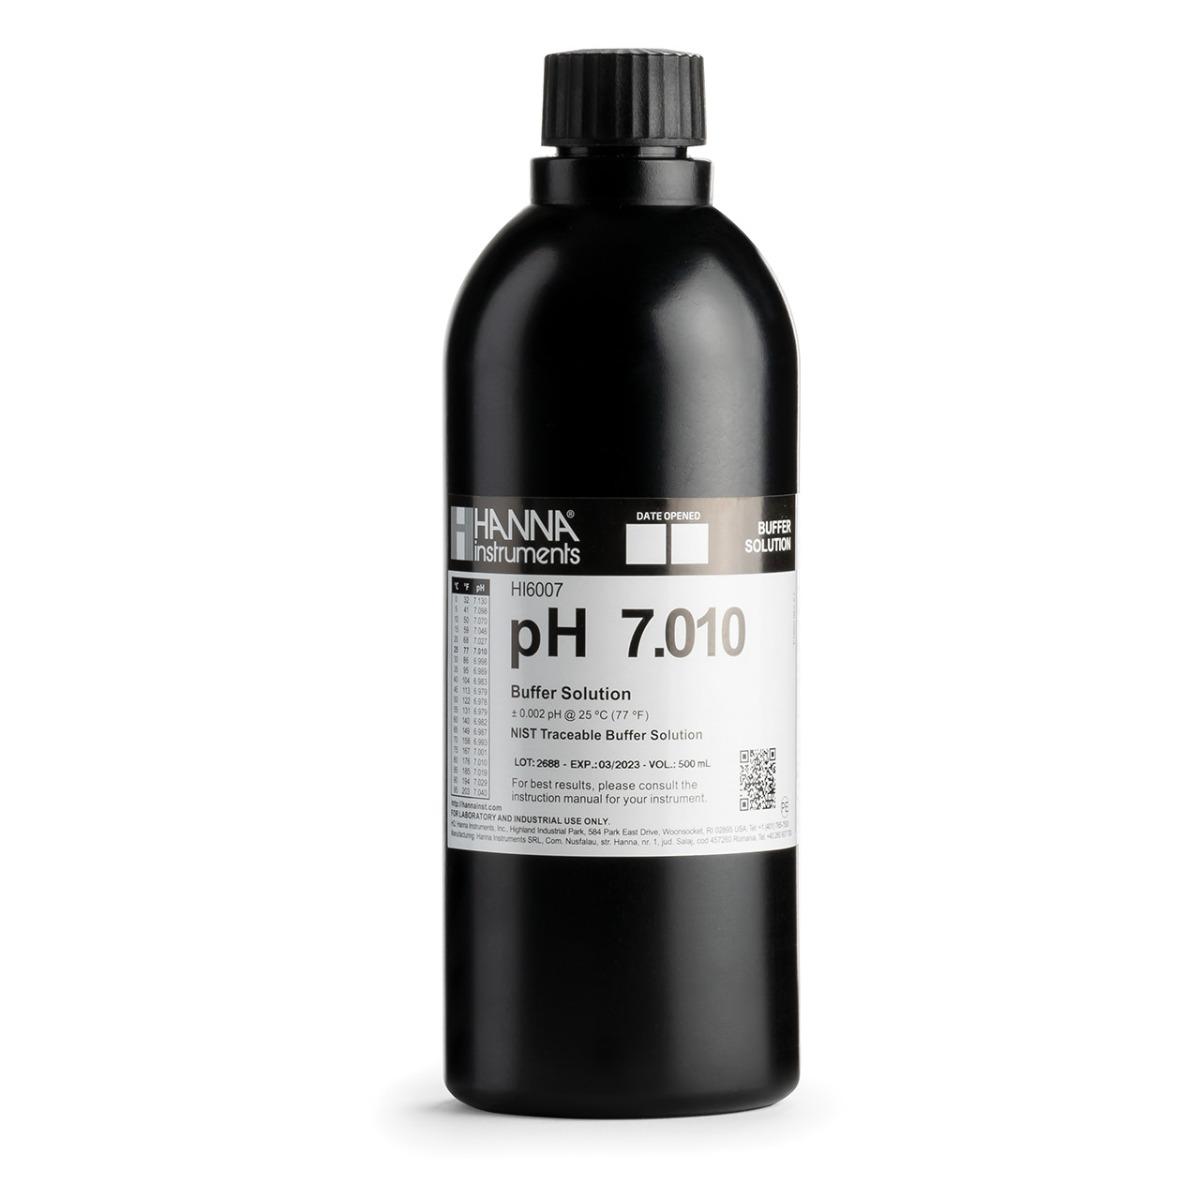 HI6007 pH 7.010 Millesimal Calibration Buffer (500 mL)